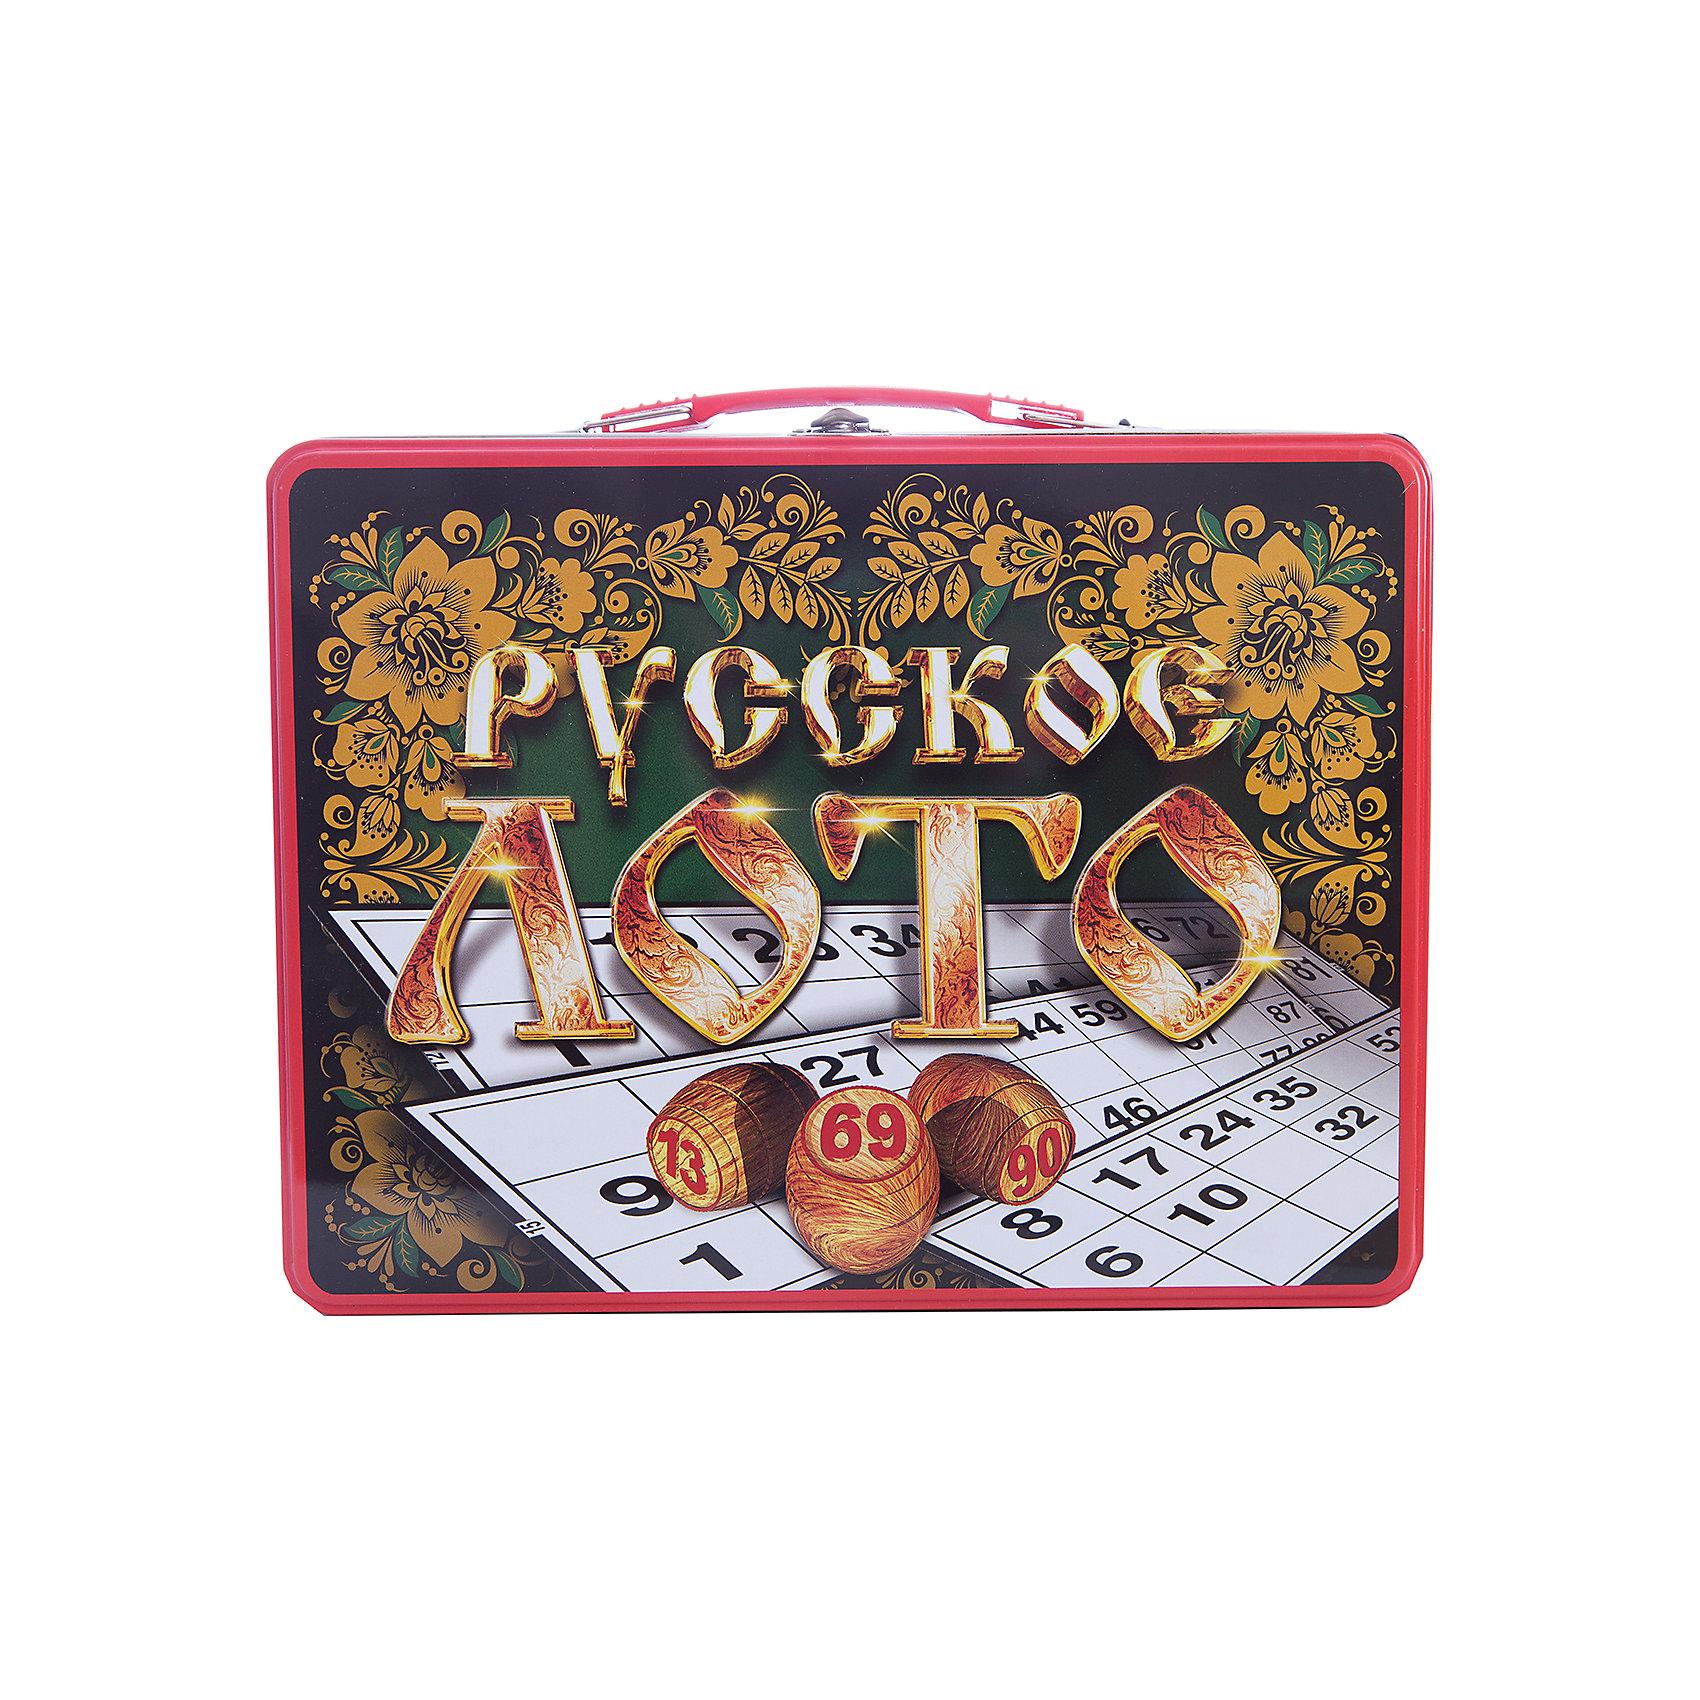 Русское лото в чемоданчике Русские узоры, Десятое королевствоНастольные игры<br>Русское лото в чемоданчике Русские узоры, Десятое королевство<br><br>Характеристики: <br><br>• Возраст: от 7 лет<br>• Материал: картон, пластик, дерево, текстиль<br>• В комплекте: 24 карточки, 90 бочонков, 150 жетонов, 2 мешочка, жестяной чемоданчик<br><br>Эта увлекательная старинная русская игра будет интересна детям от 7 лет. В комплекте идут 90 бочонков, 24 карточки, 150 жетонов, 2 мешочка и один маленький чемоданчик, который будет отлично смотреться в шкафу. Благодаря простоте ее правил и возможности играть в компании, лото снискало себе популярность у людей всех возрастов. <br><br>Русское лото в чемоданчике Русские узоры, Десятое королевство можно купить в нашем интернет-магазине.<br><br>Ширина мм: 295<br>Глубина мм: 225<br>Высота мм: 60<br>Вес г: 1189<br>Возраст от месяцев: 84<br>Возраст до месяцев: 2147483647<br>Пол: Унисекс<br>Возраст: Детский<br>SKU: 5473719